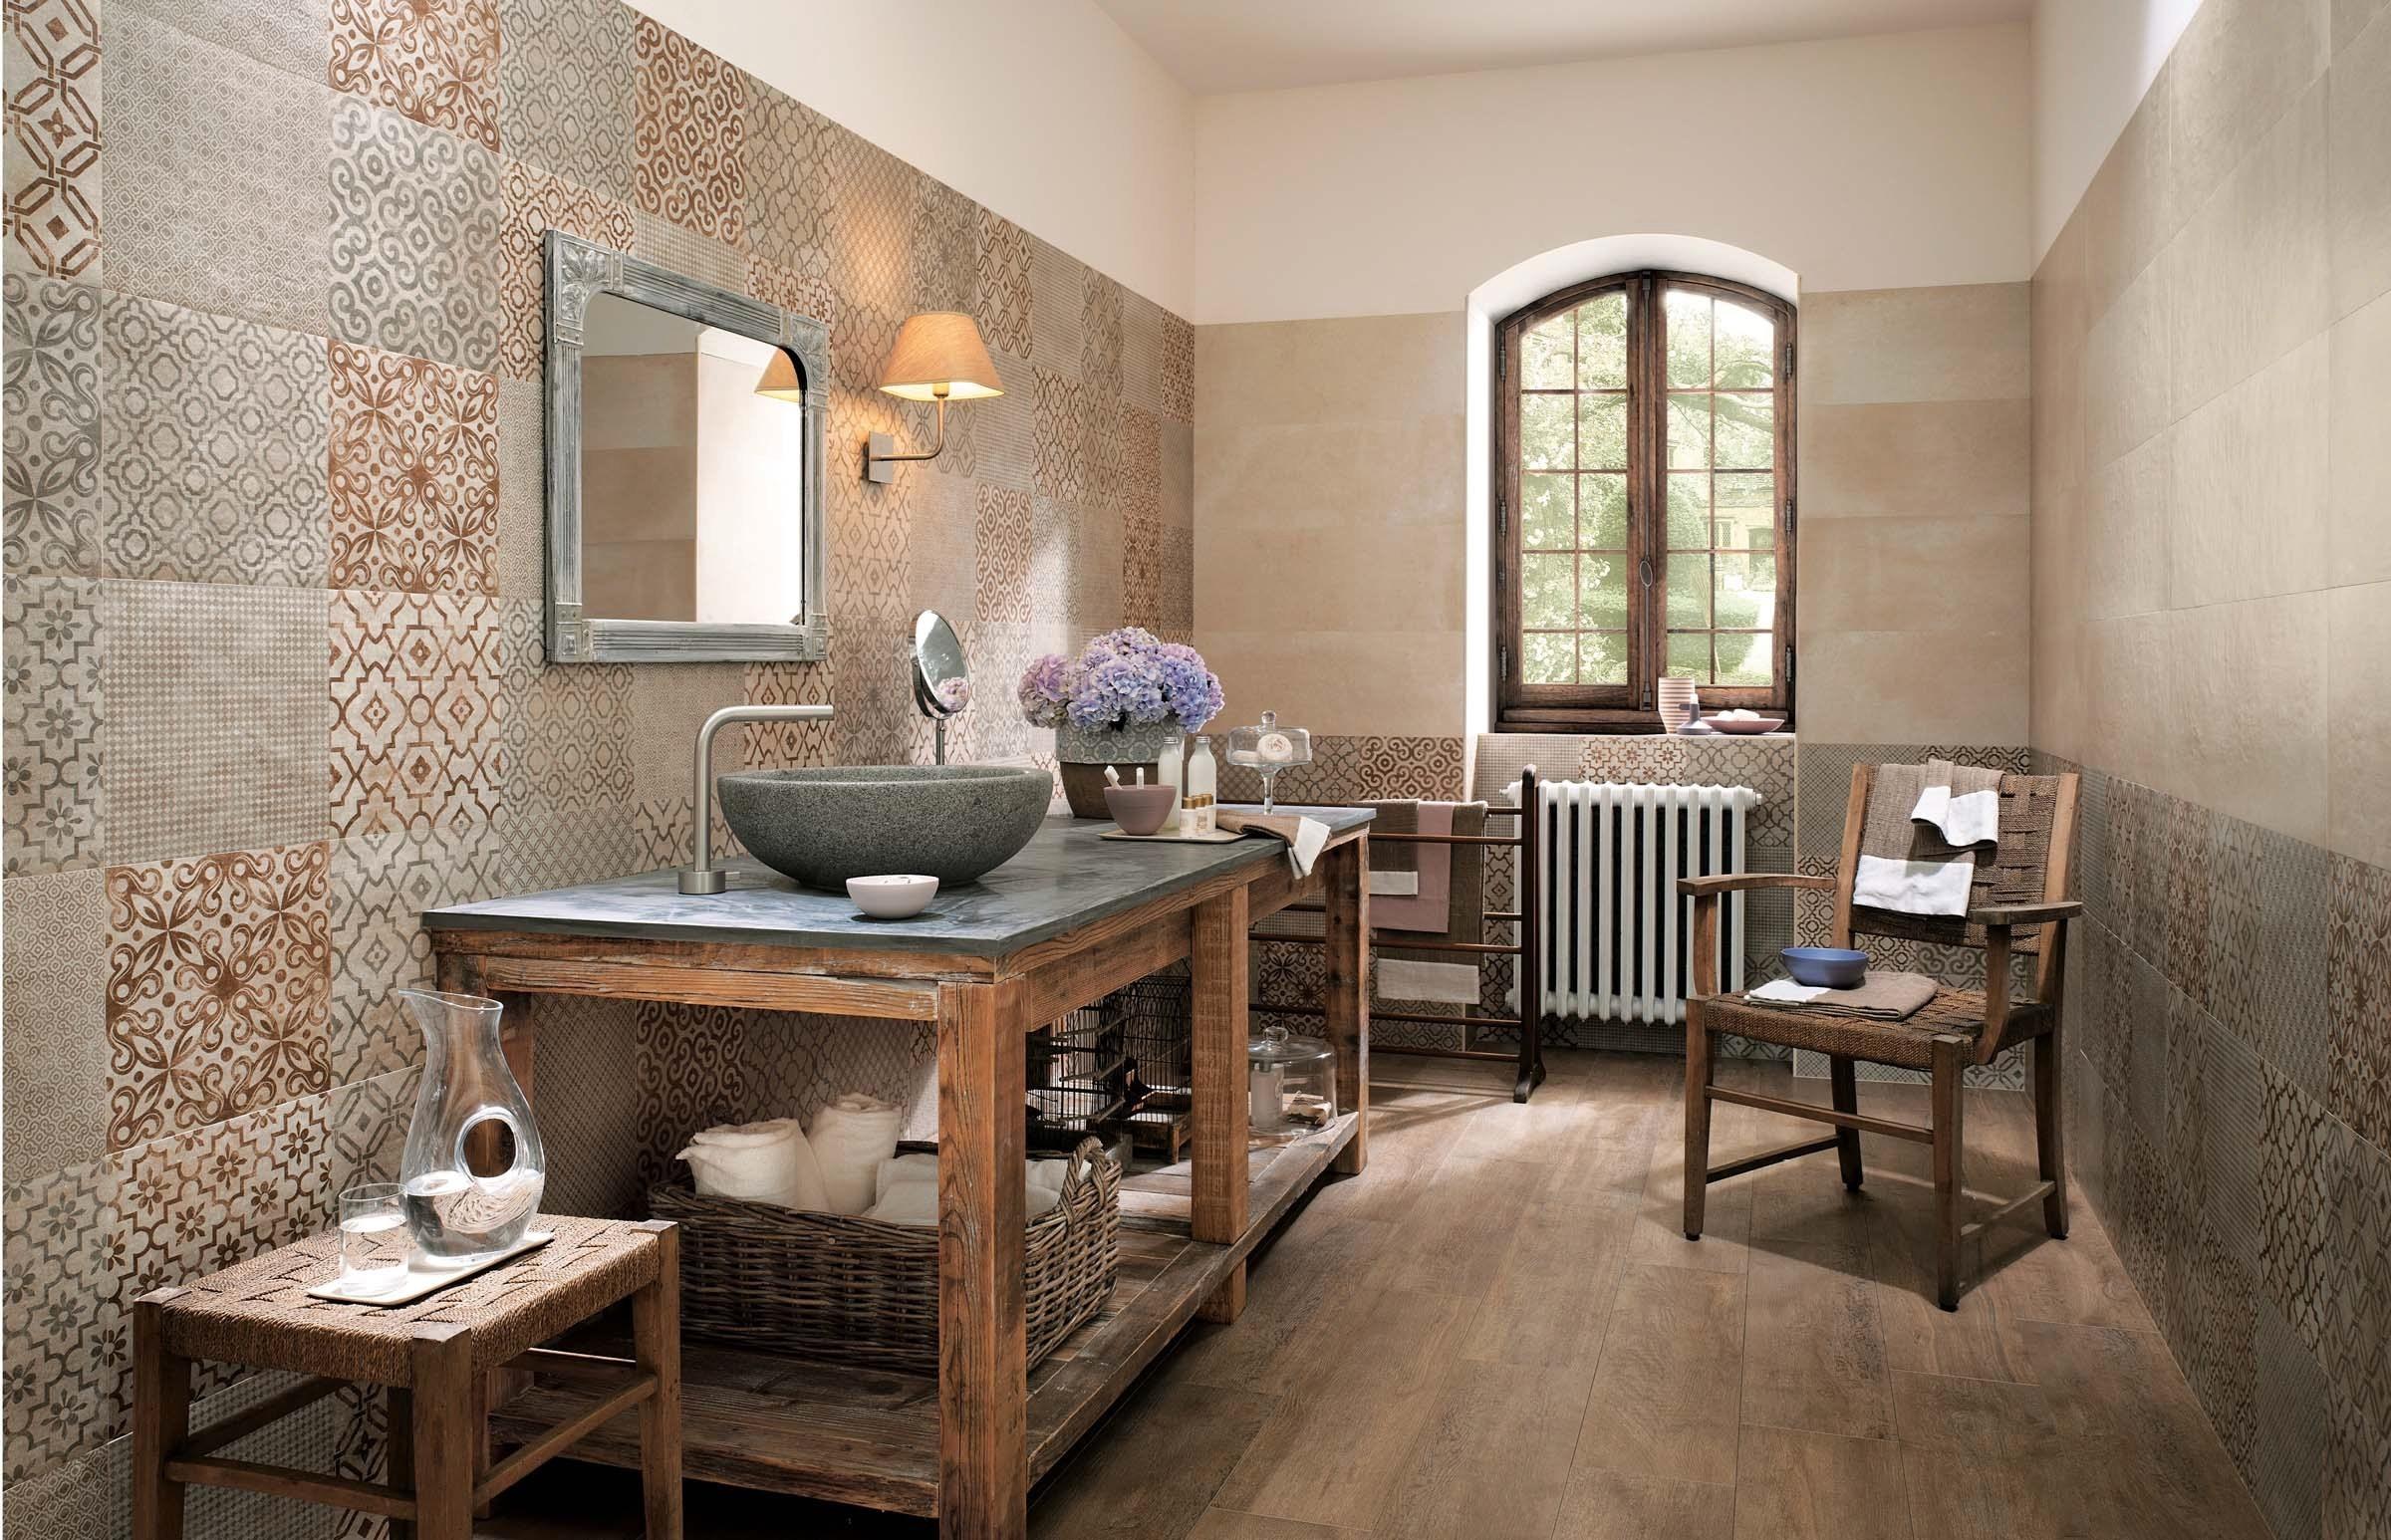 Valorizzare il bagno con le piastrelle: ecco 15 idee a cui ispirarsi!